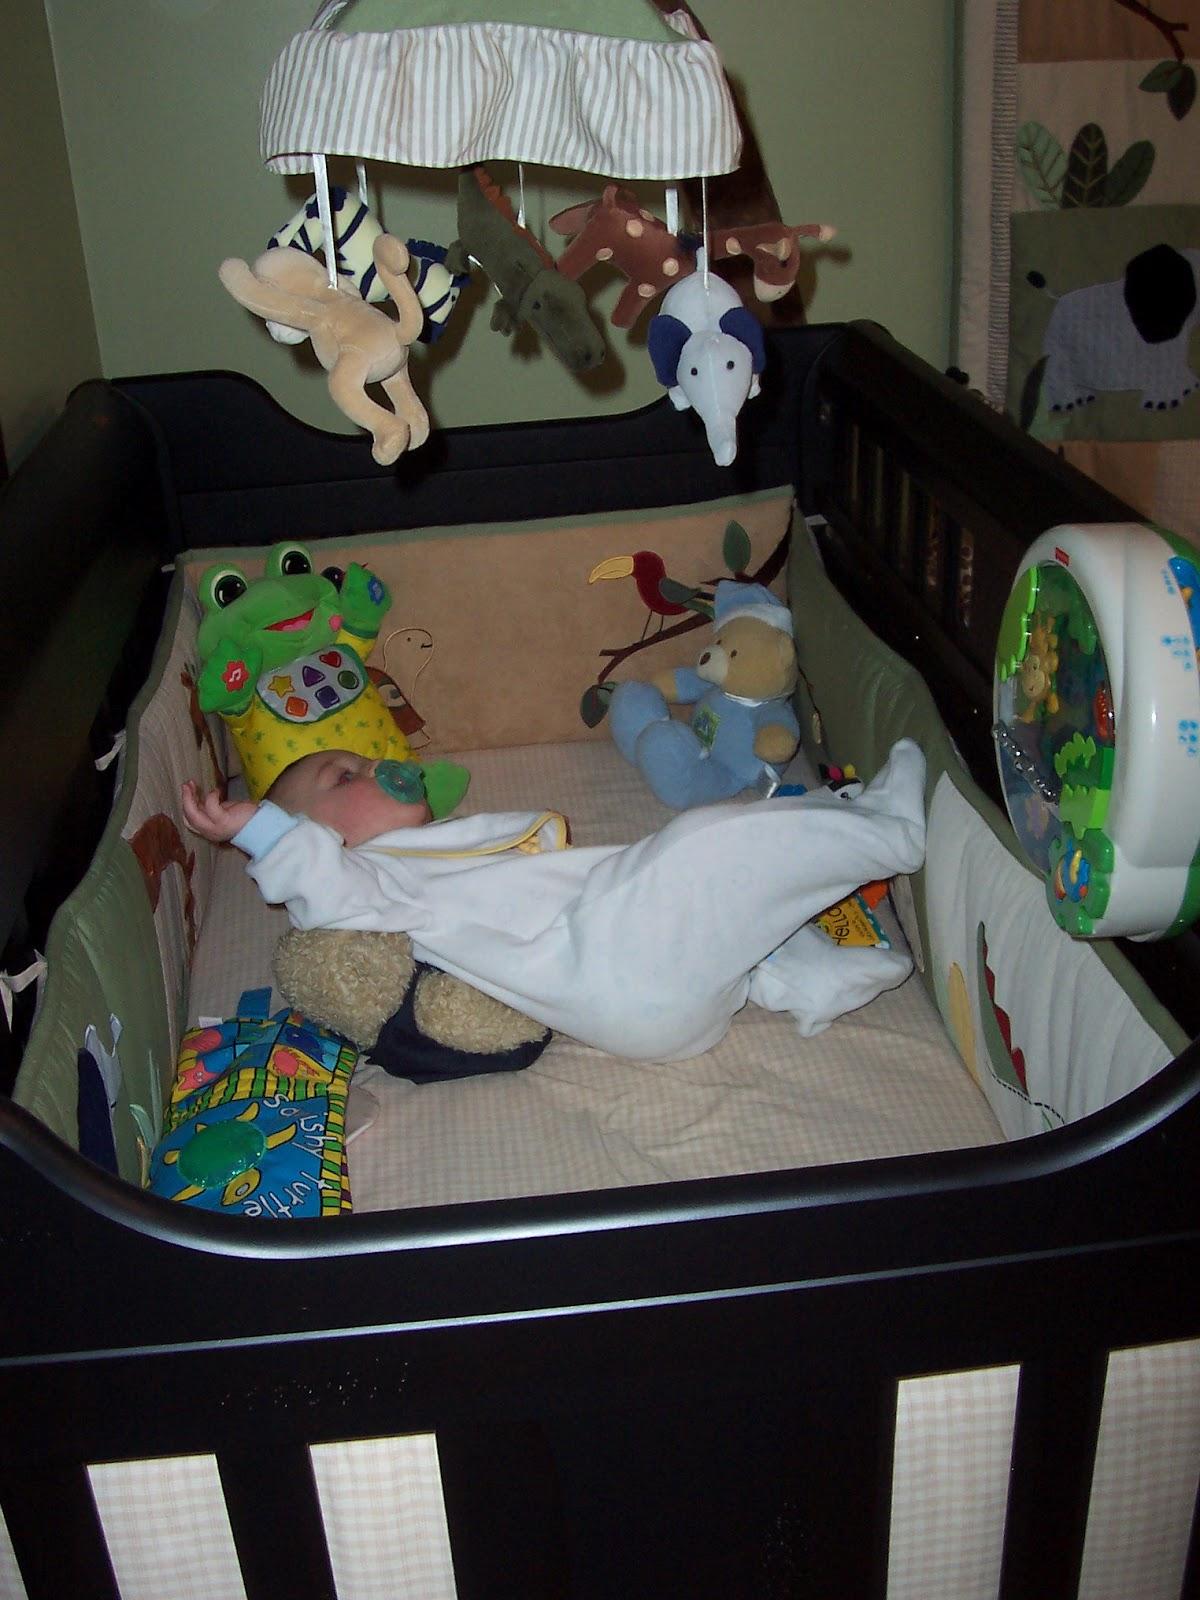 cribs grey measurements mattress sheets crib and french words pin love sheet gray